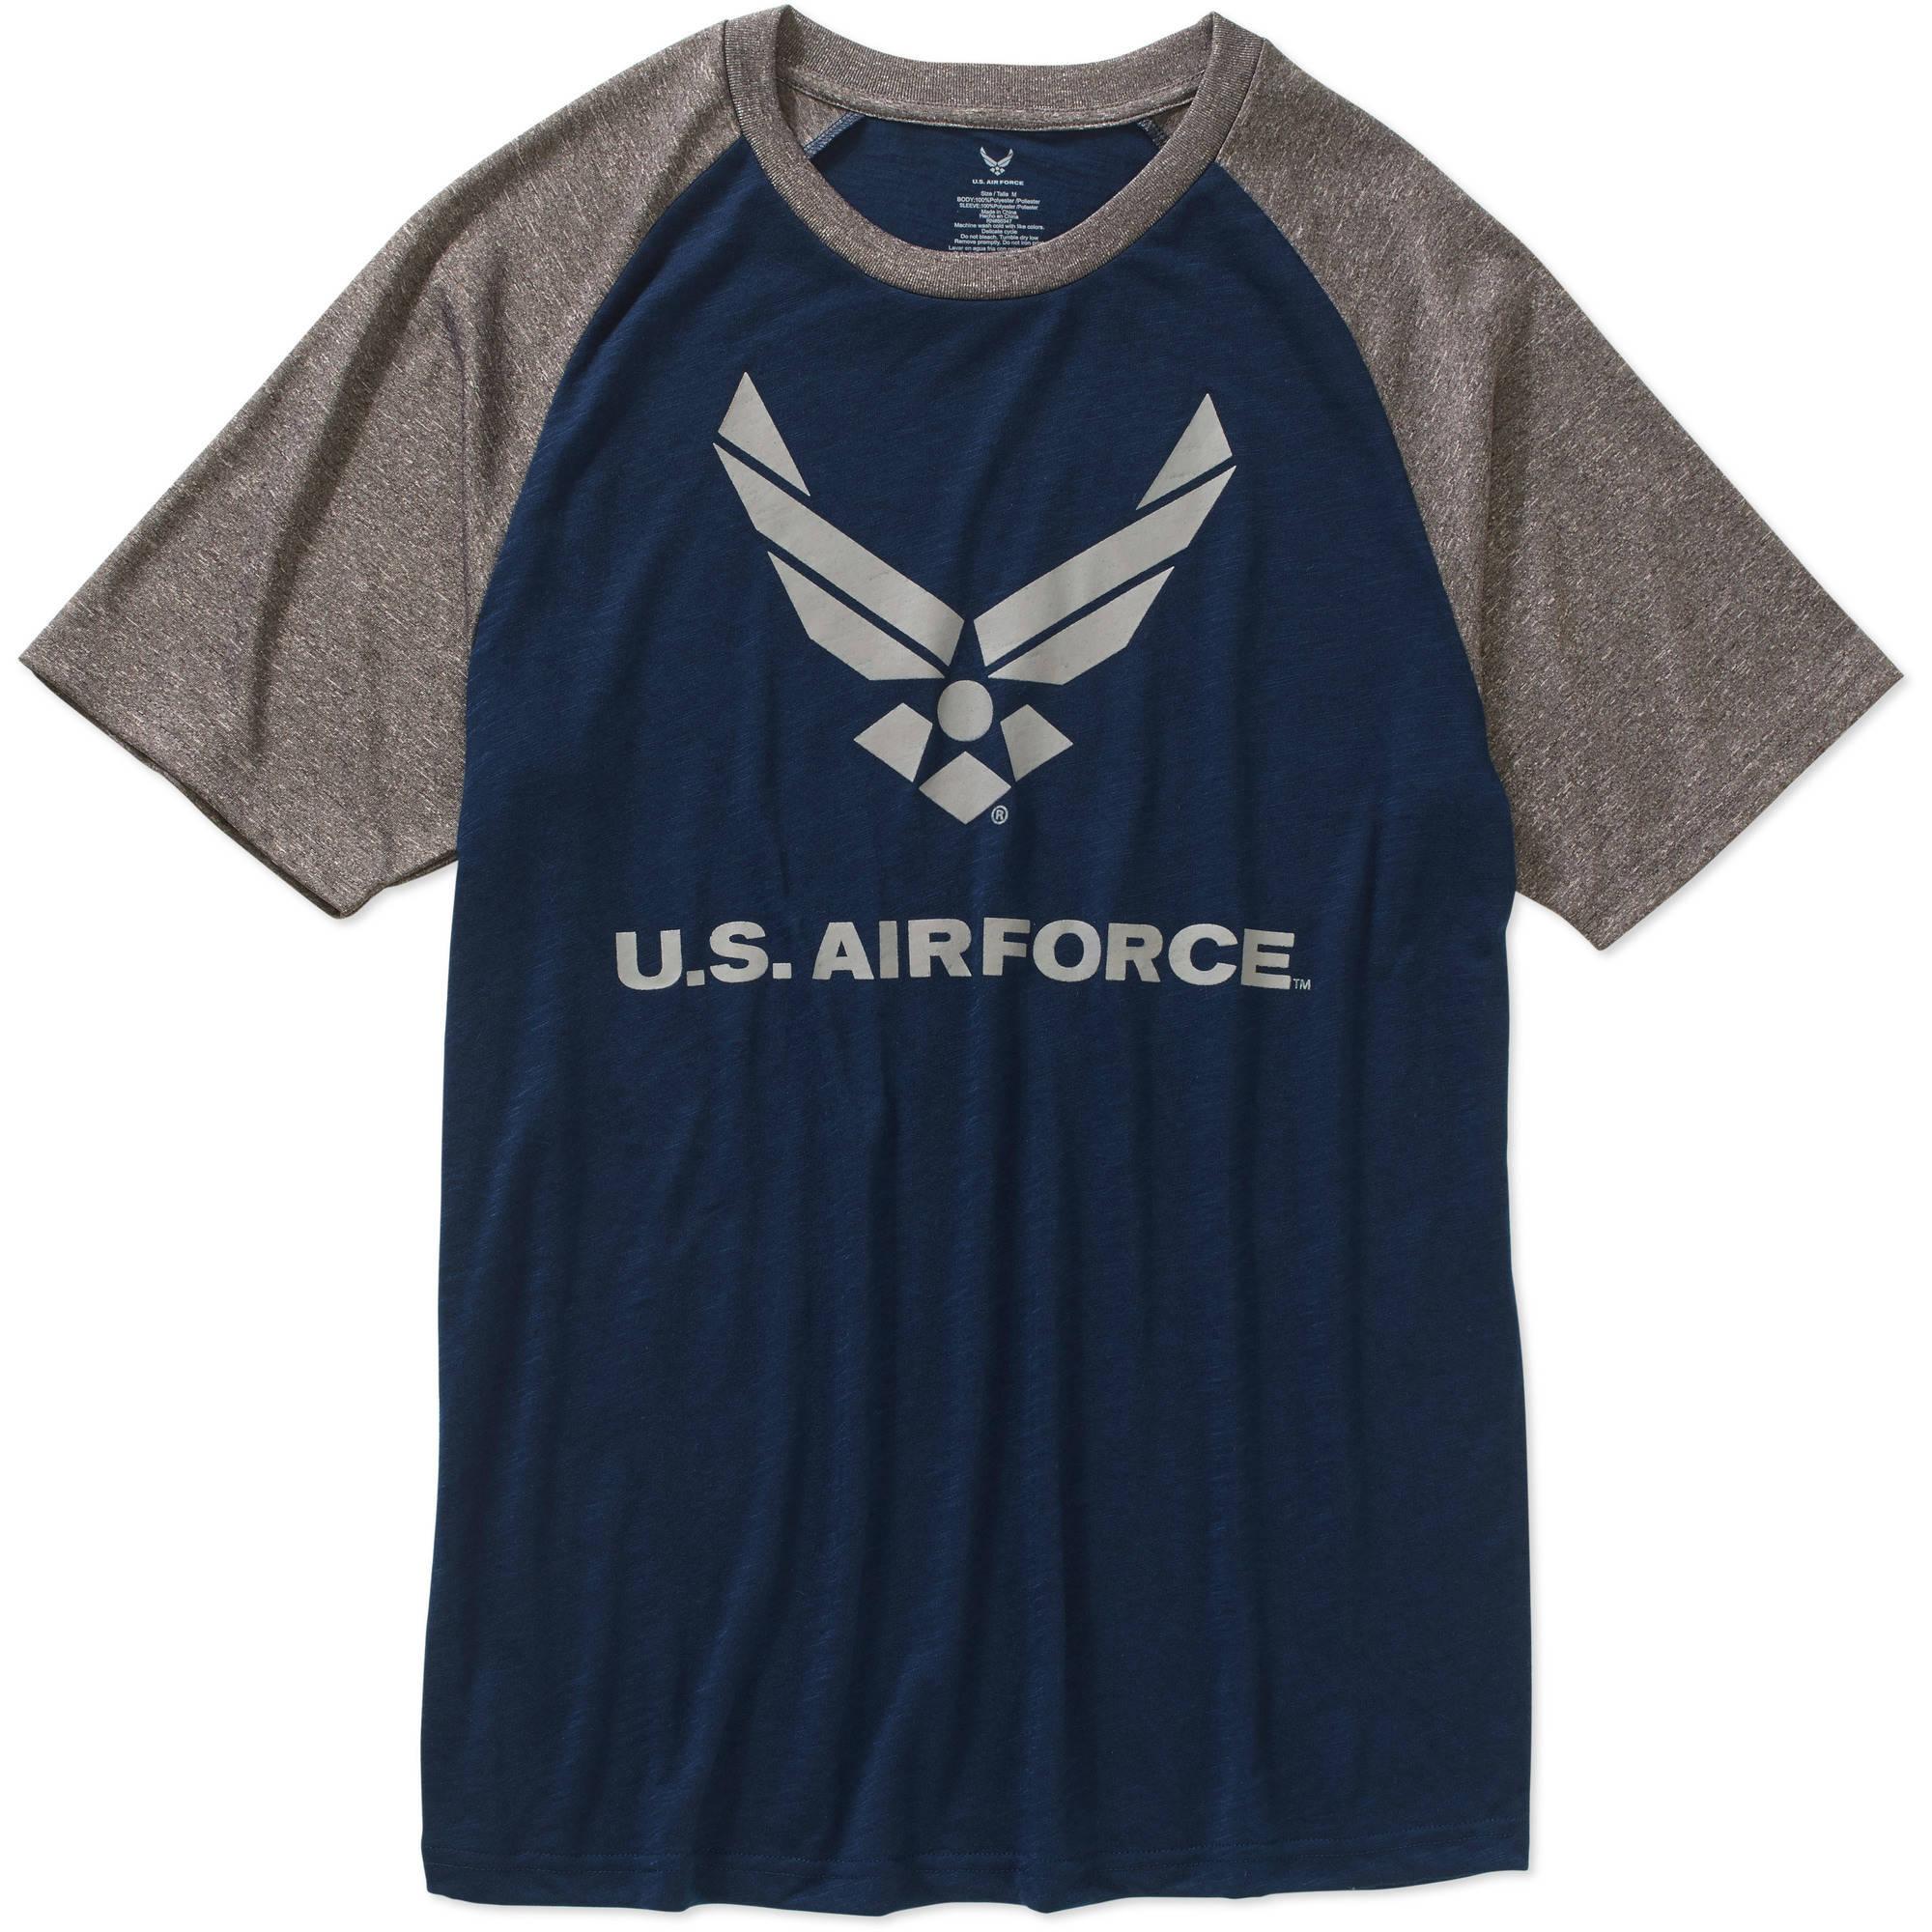 US Airforce Slub fashion tee Shirt